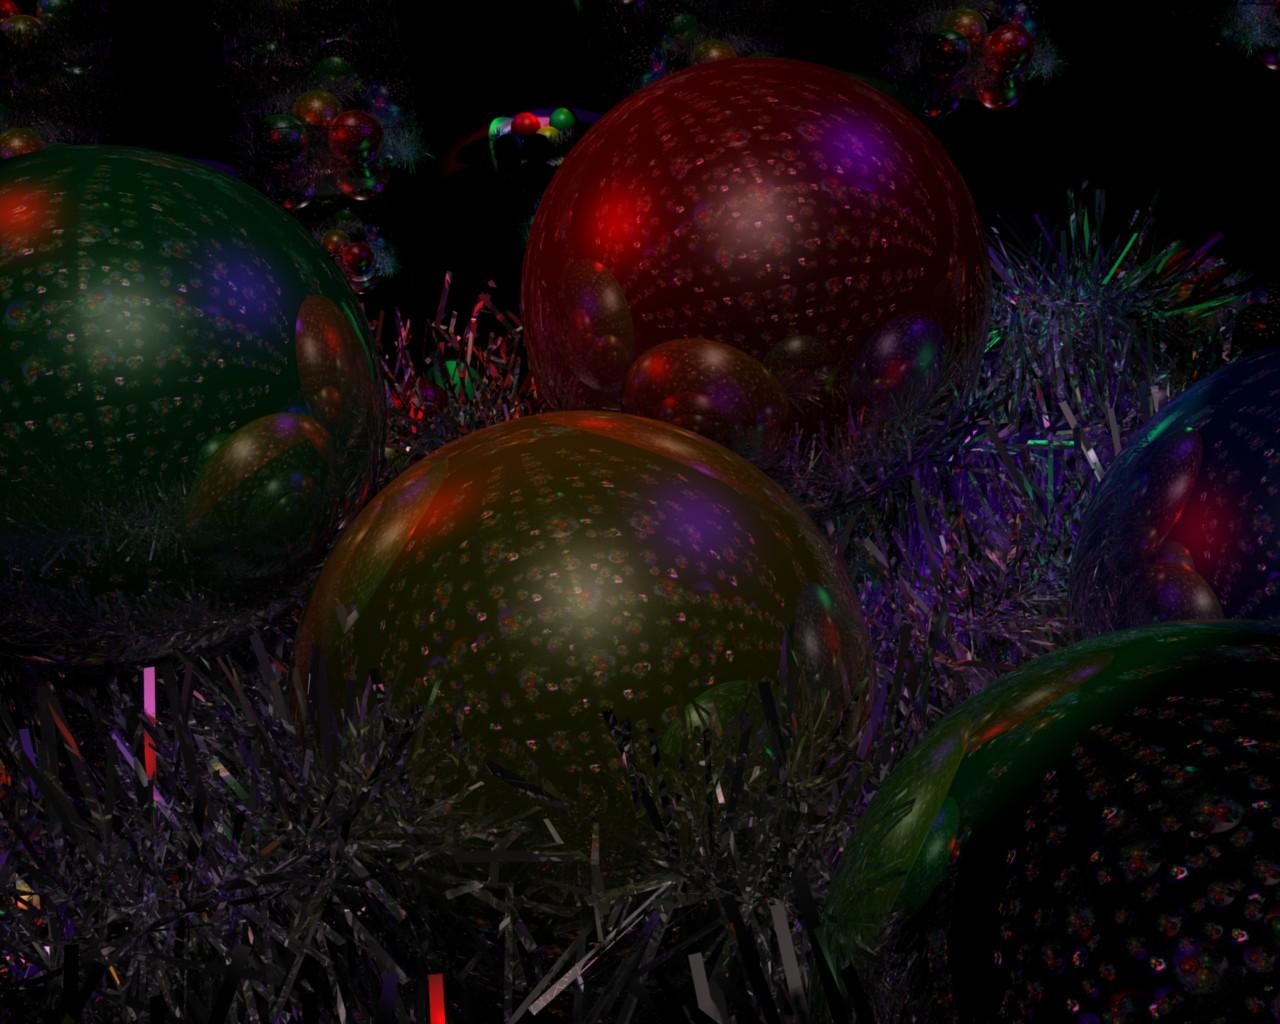 Fondos de escritorio navidad iii imagen 1280 1024 for Fondos de escritorio navidenos